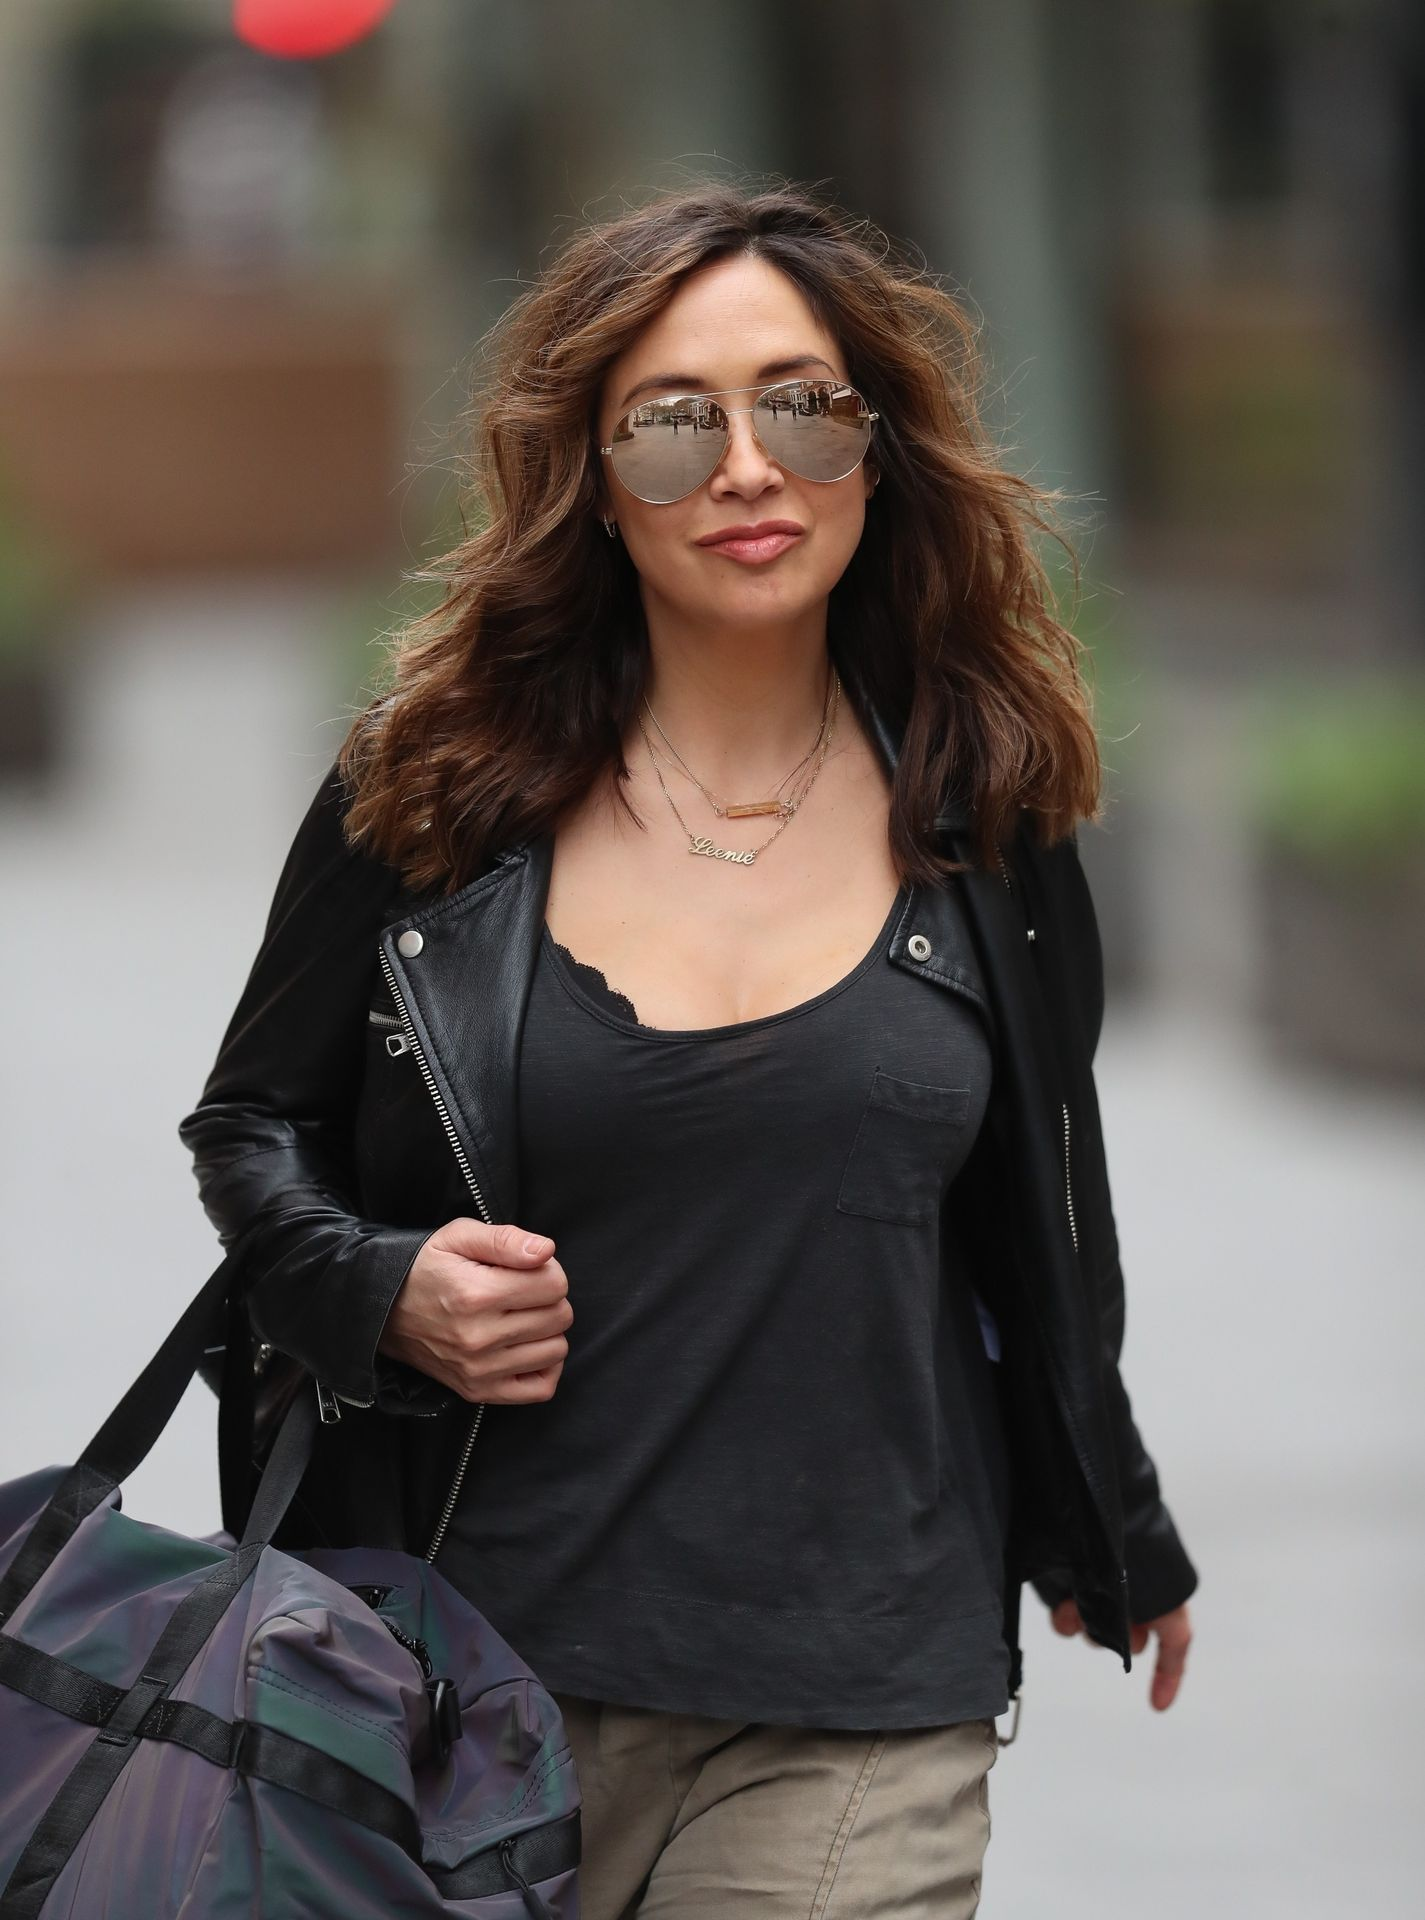 Myleene Klass Looks Hot In All Black In London 0021